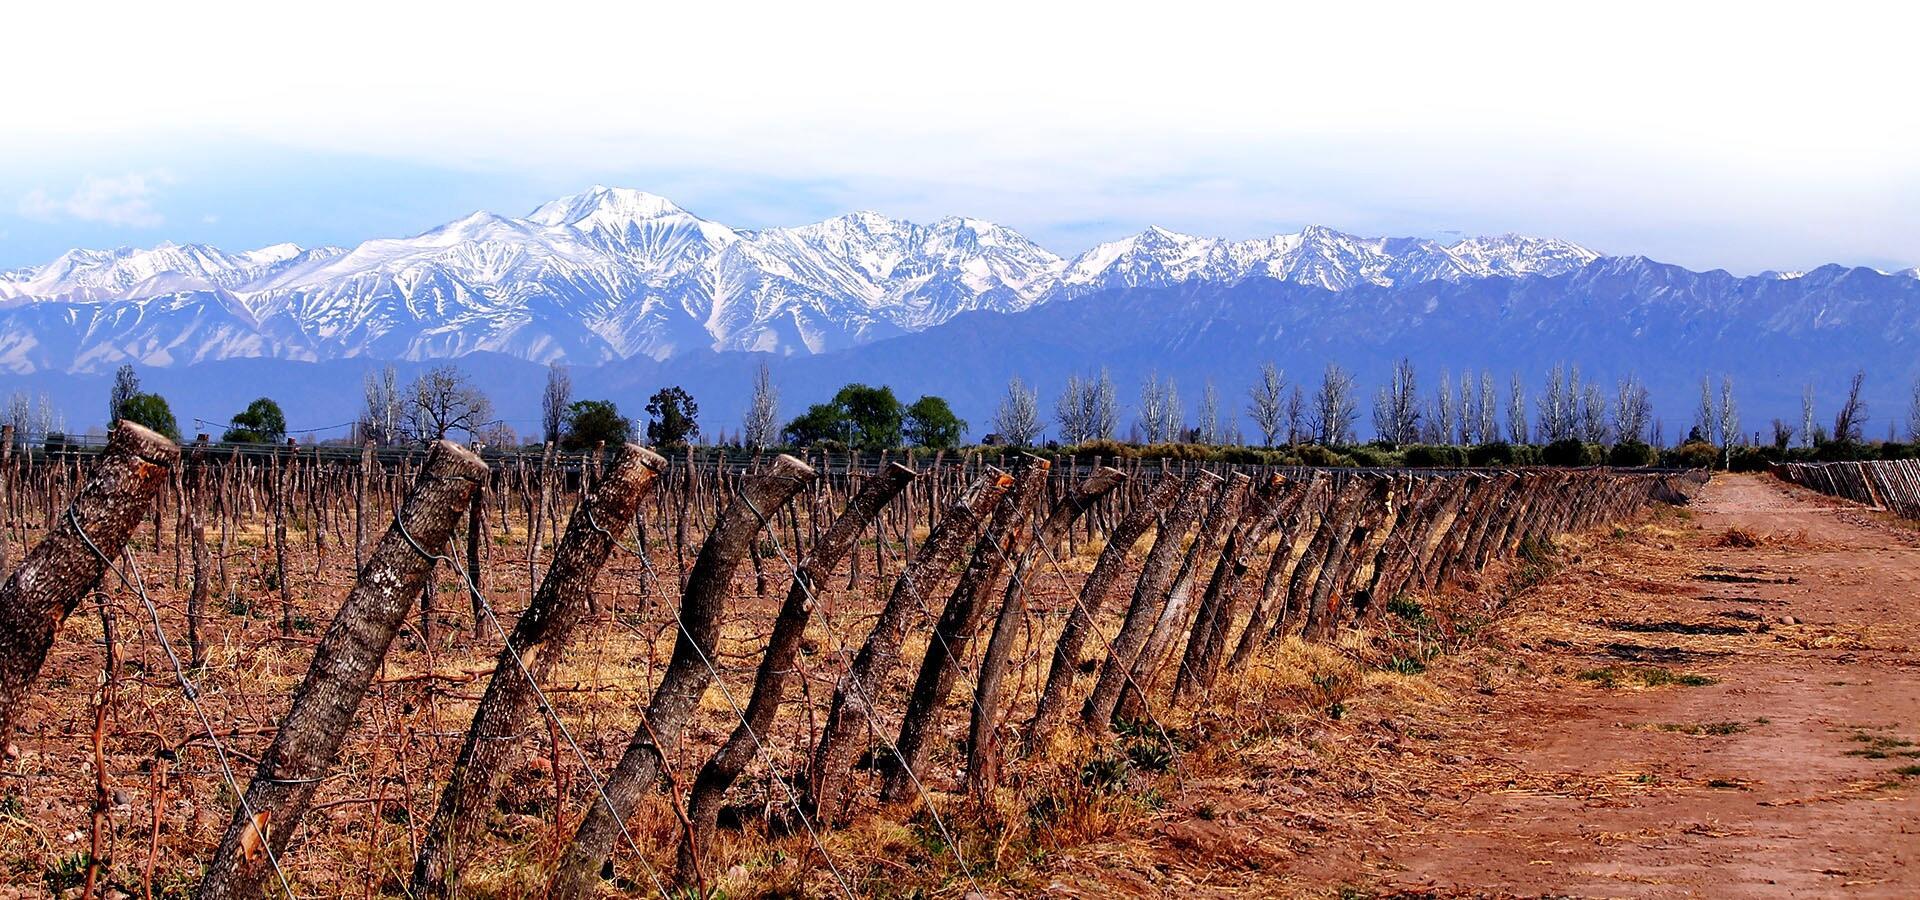 Proemio Wines Cover Image